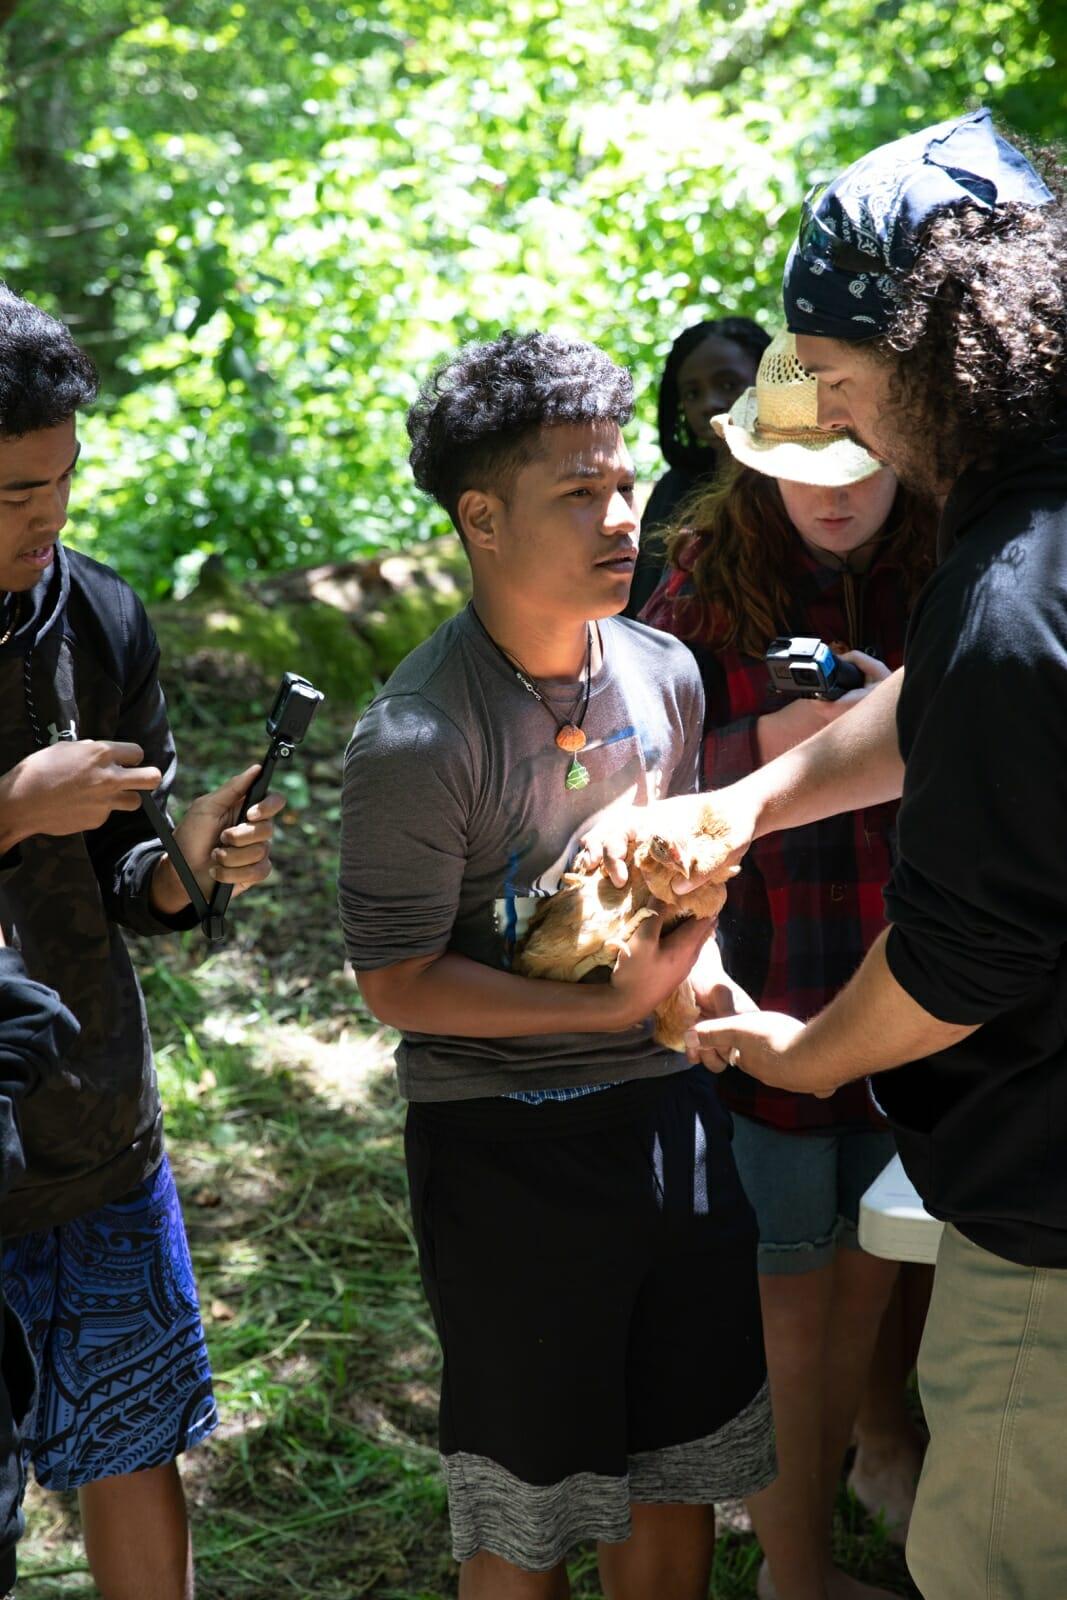 Ranton, 16, Marshall Islands, attended SEAL 2018